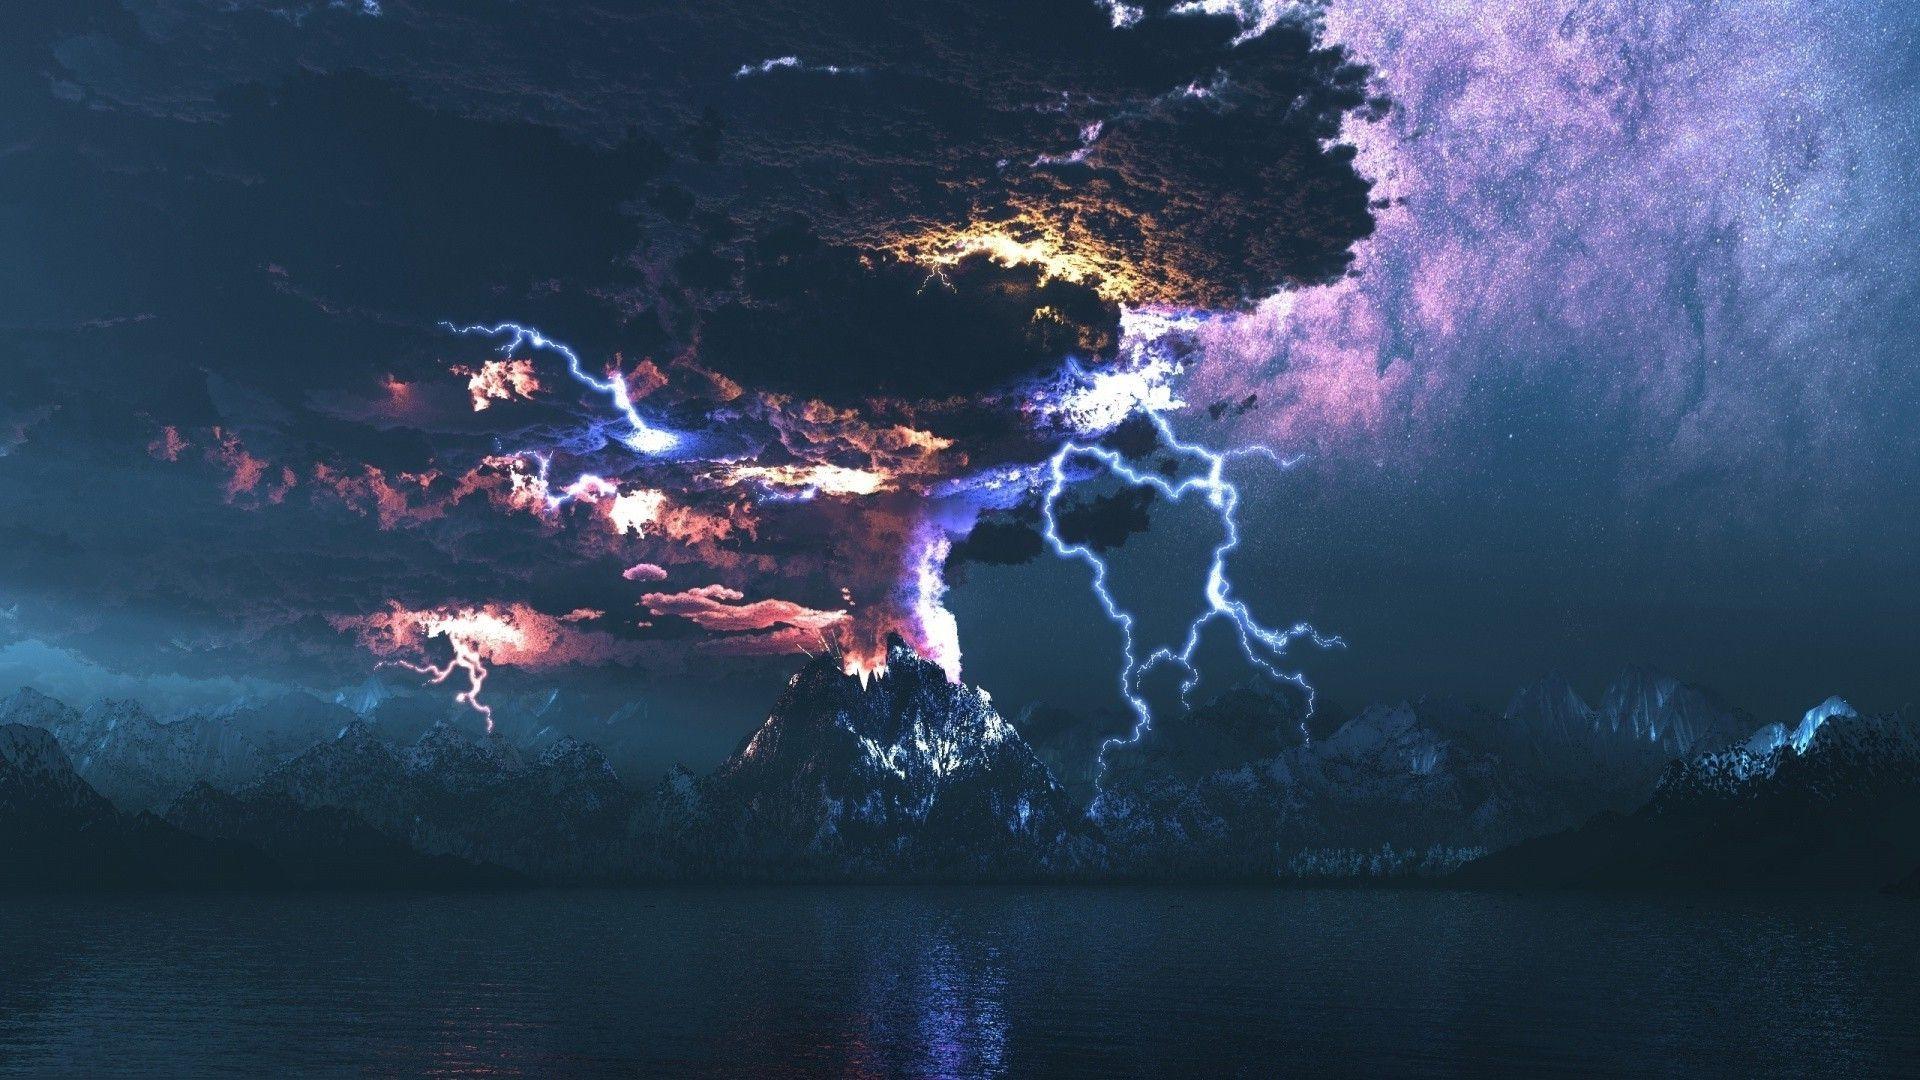 lightningoverthevolcanoeruptionnaturehdwallpaper